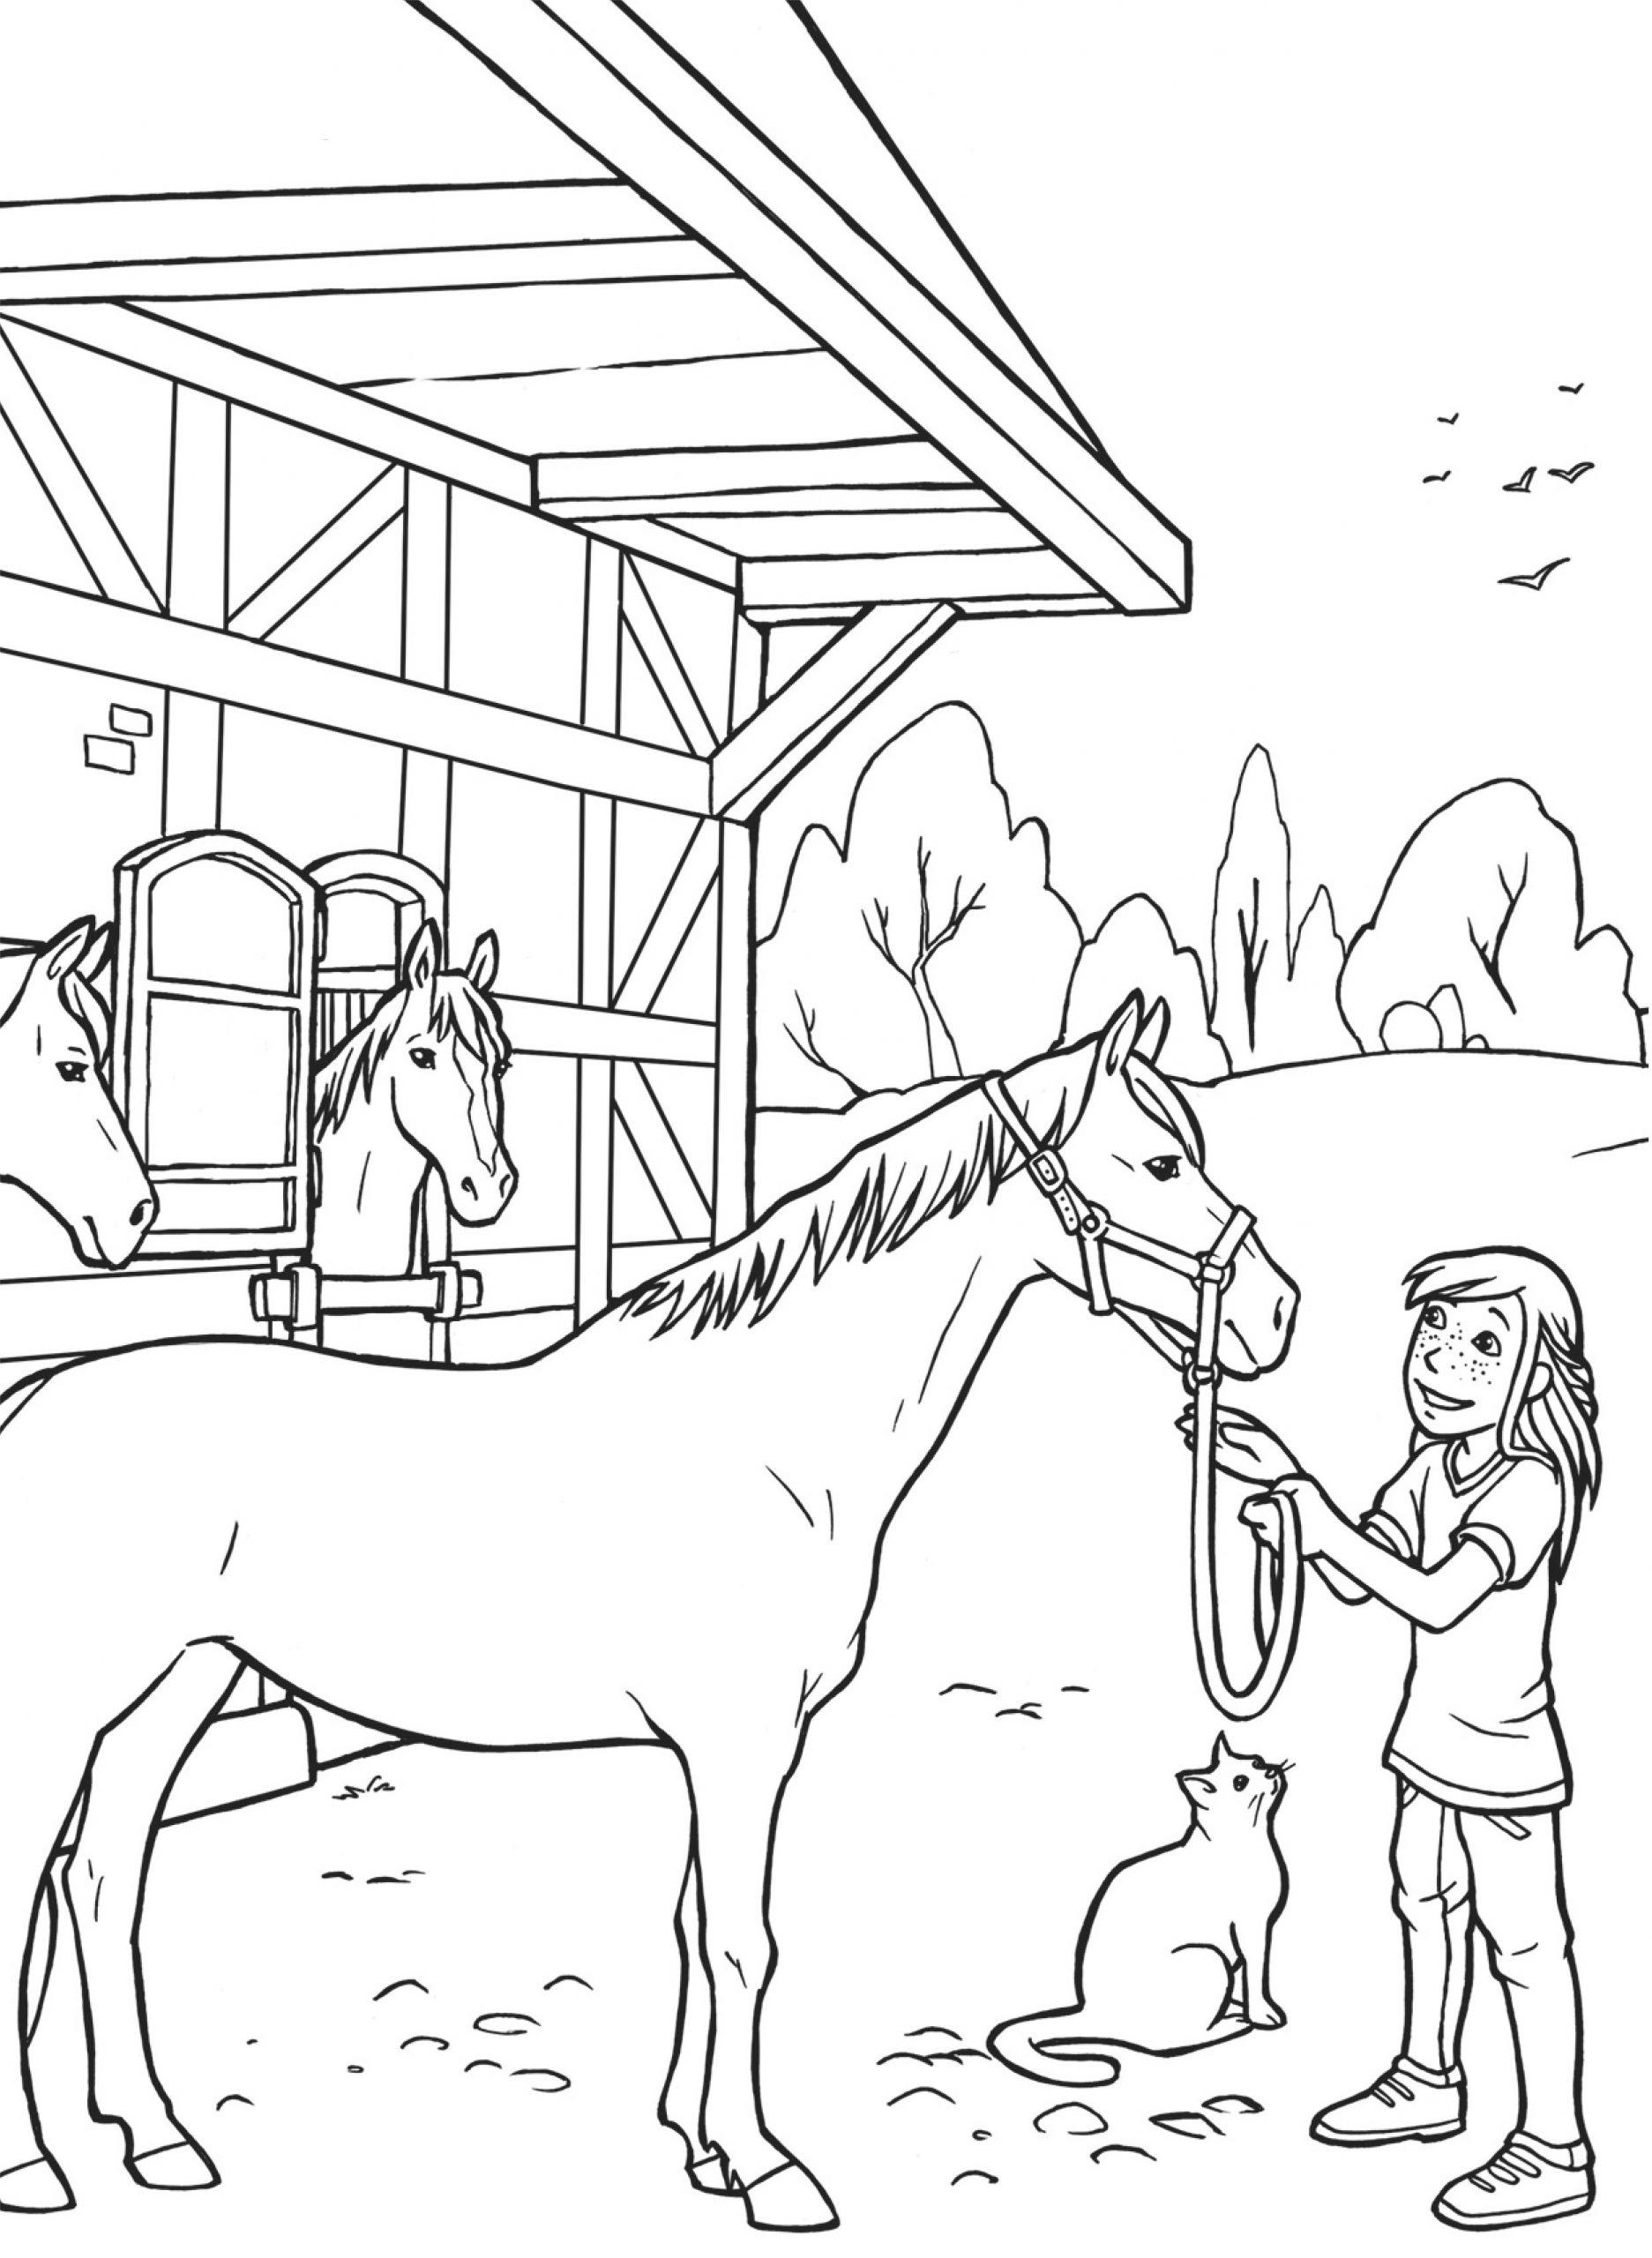 Ausmalbilder Pferde | Mytoys-Blog über Pferdebilder Zum Ausmalen Und Ausdrucken